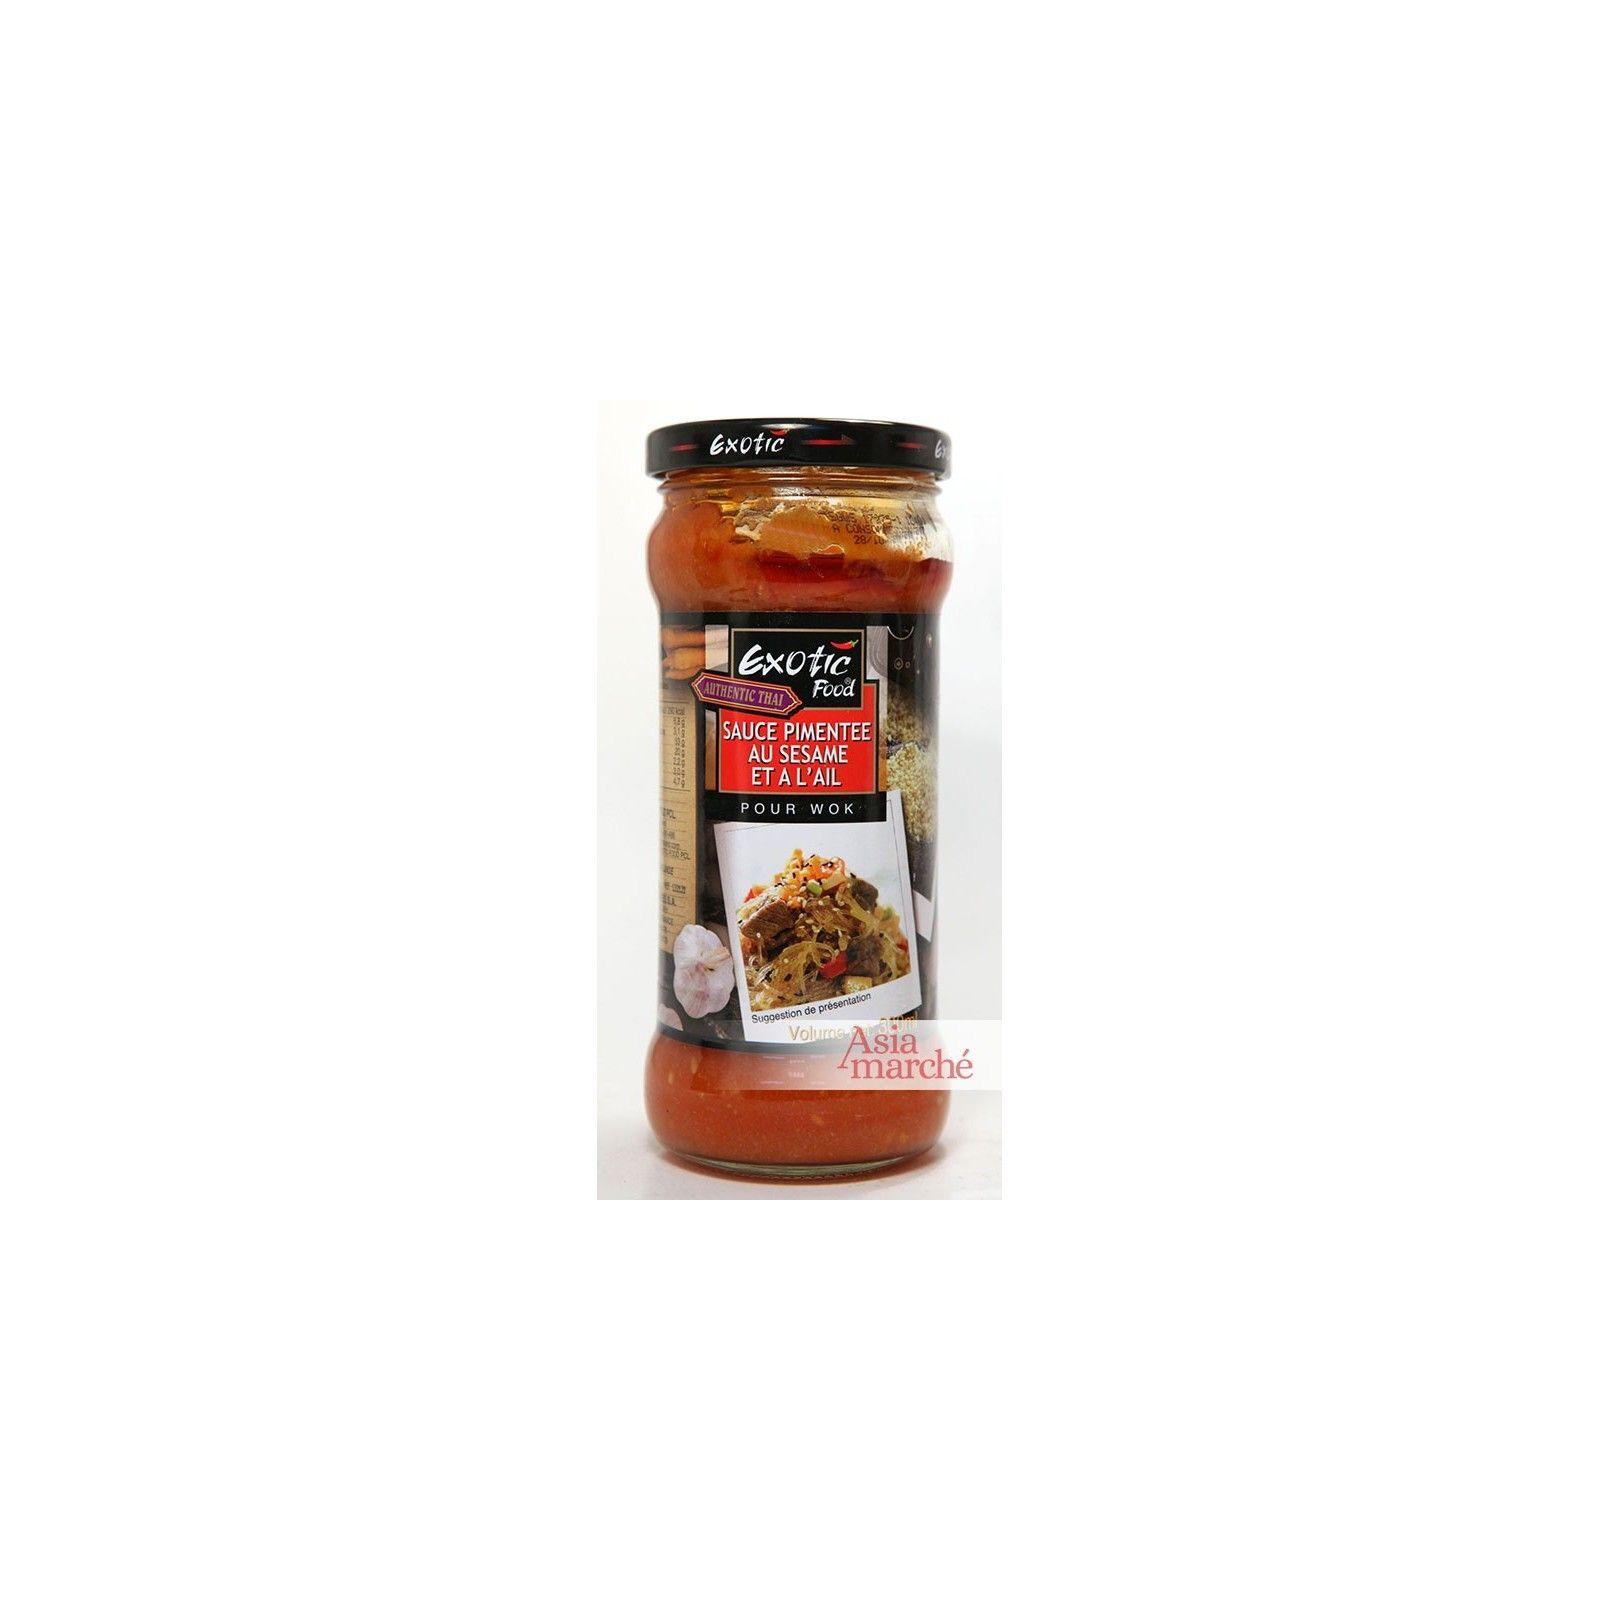 Asia Marché Sauce pimentée au sésame et à l'ail pour wok 300ml Exotic Food